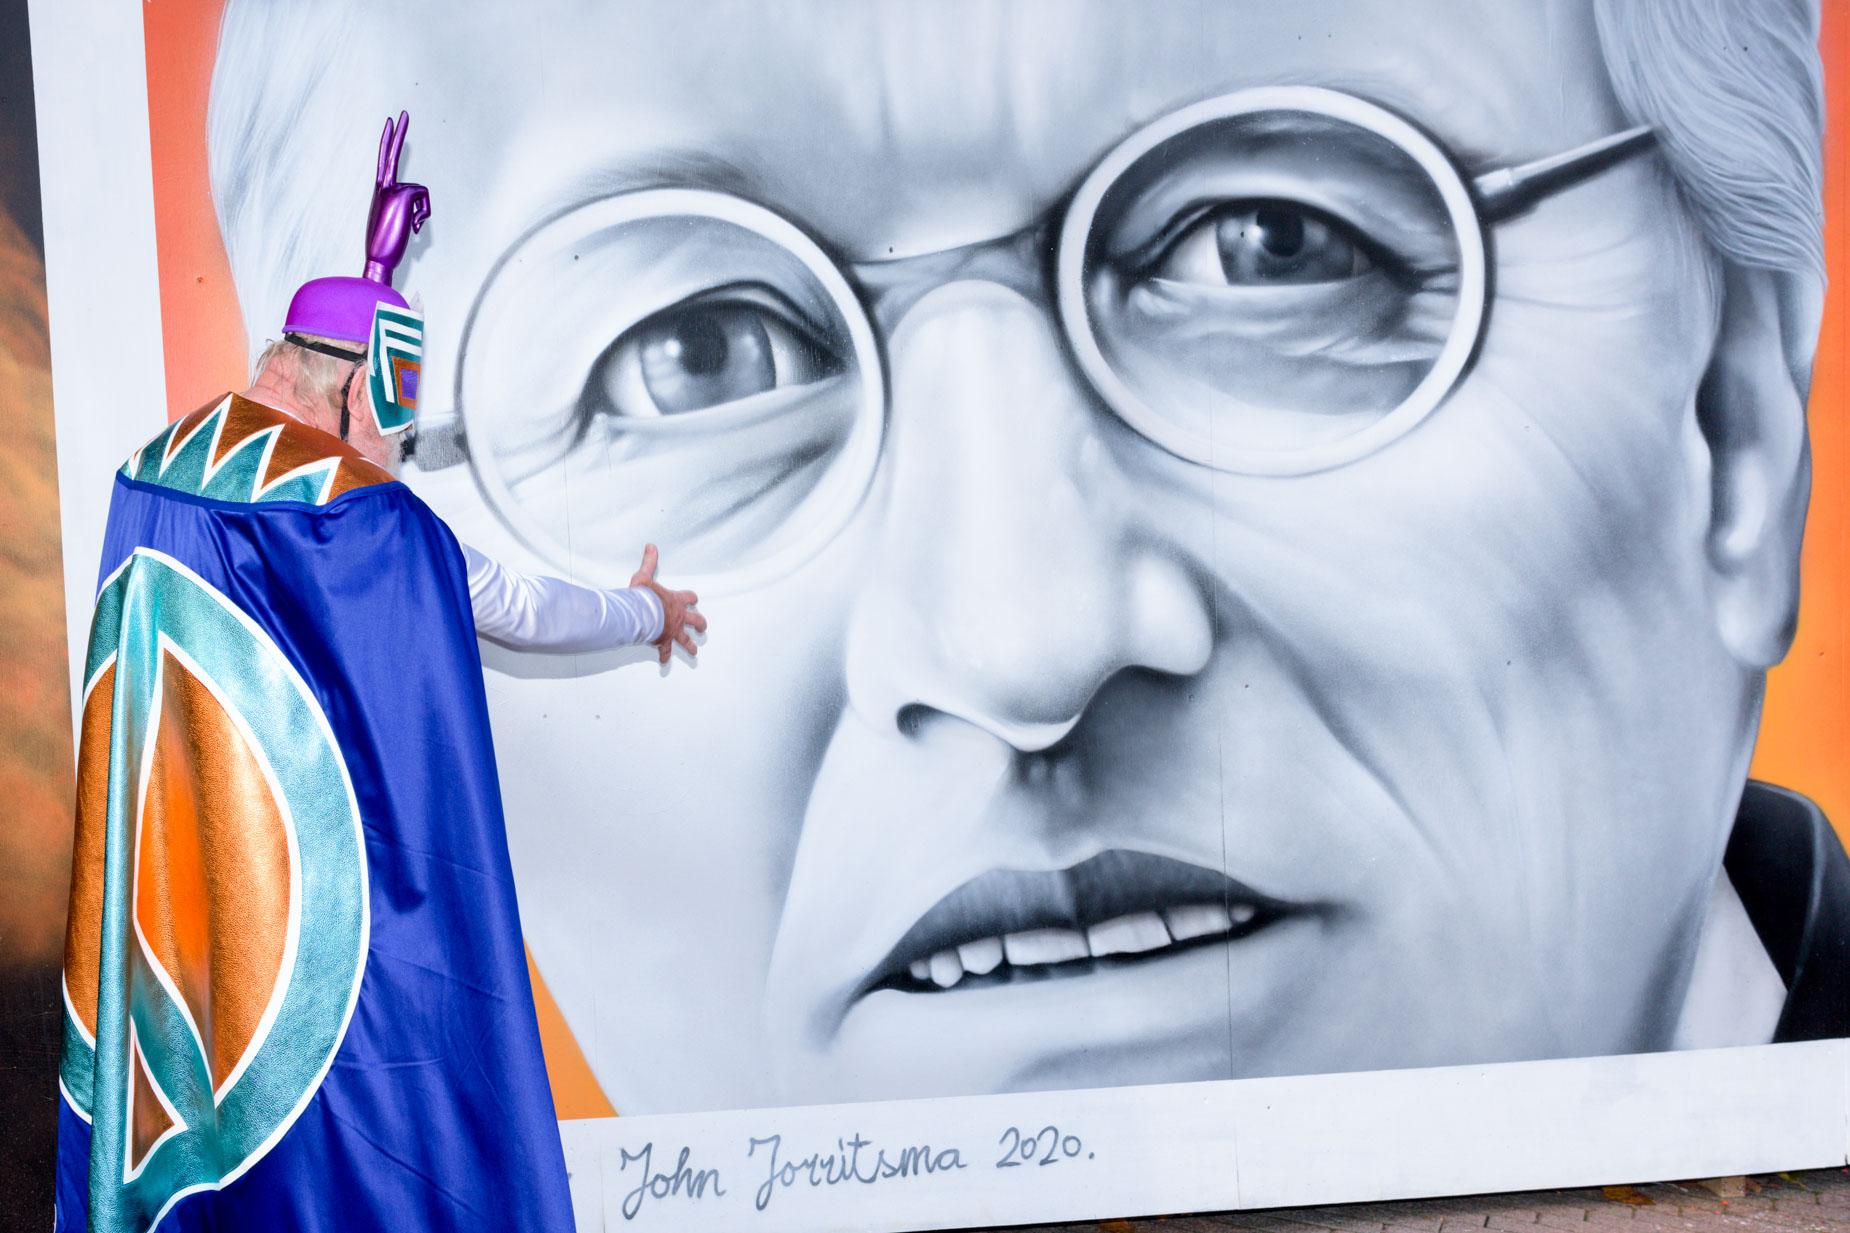 De burgemeester gaf niet thuis en daarom werd de graffiti van burgemeester Jorritsma maar door peaceman toegesproken | Sas Schilten Fotografie